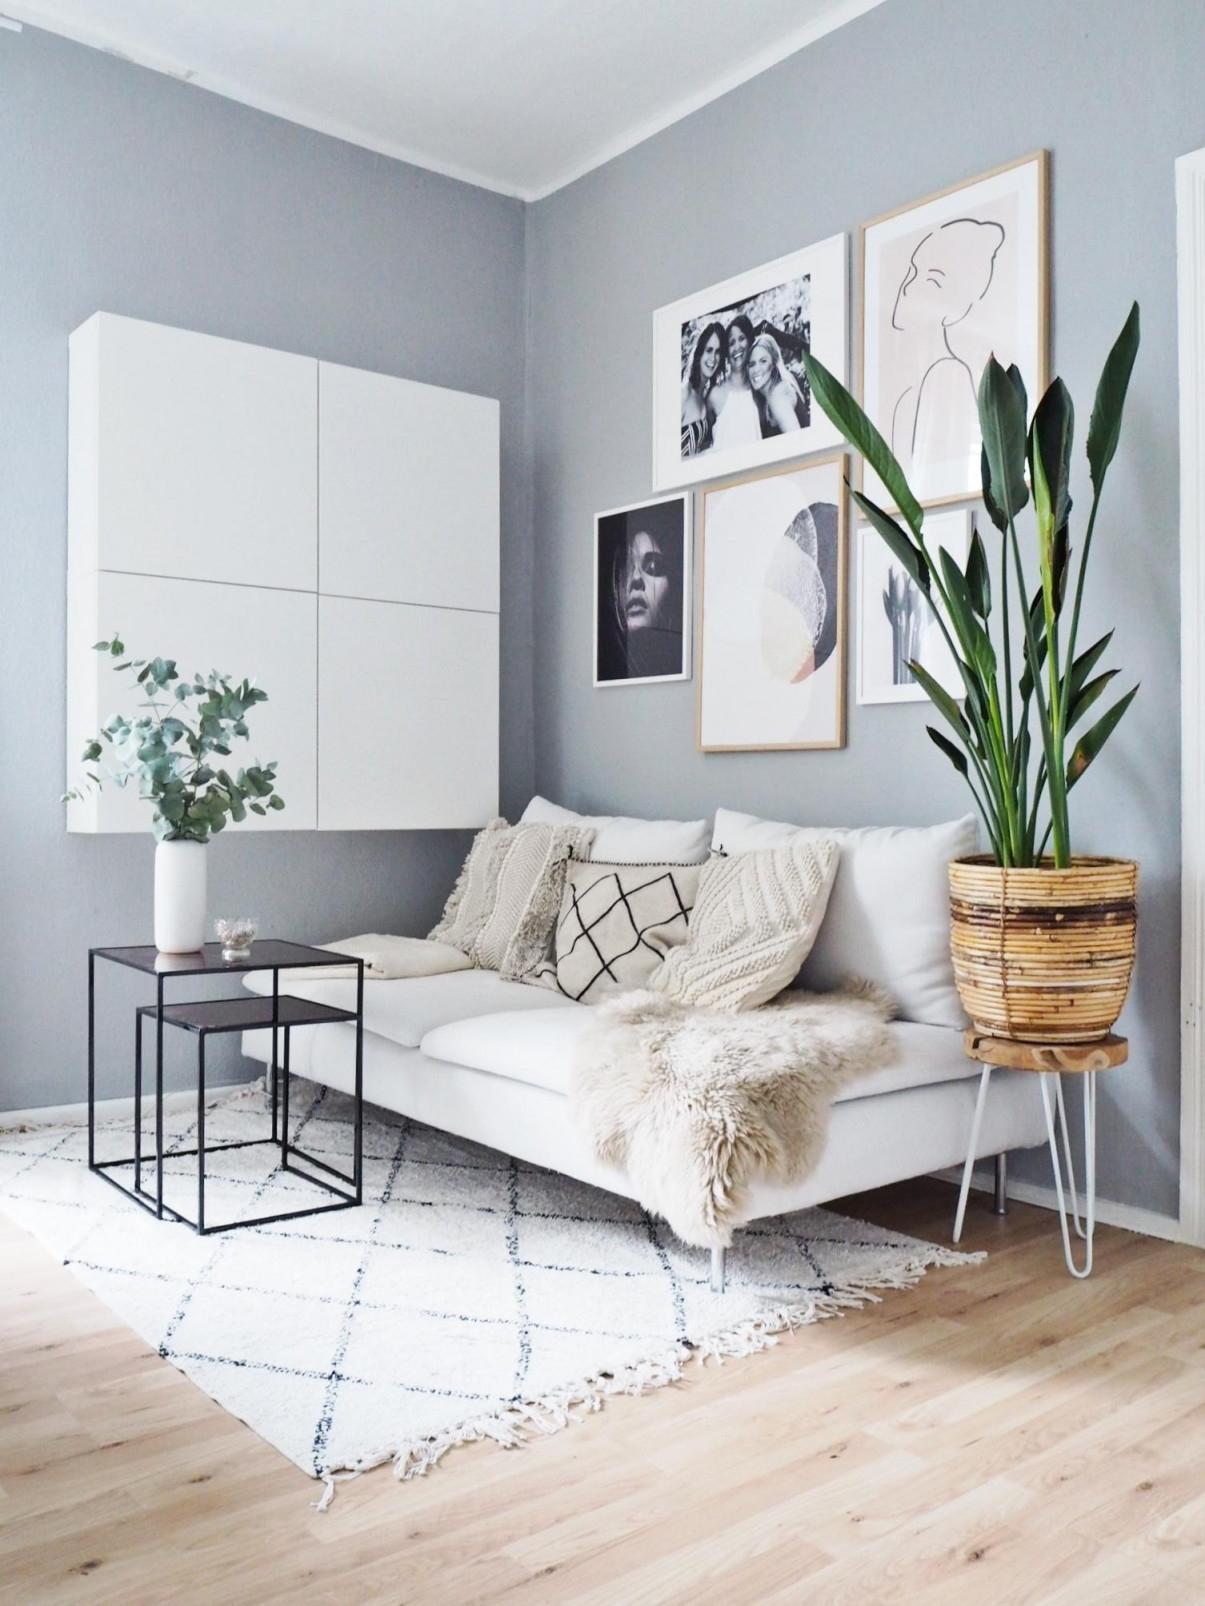 Bilderwandideen Inspiration Bei Couch von Bilder Ideen Wohnzimmer Bild